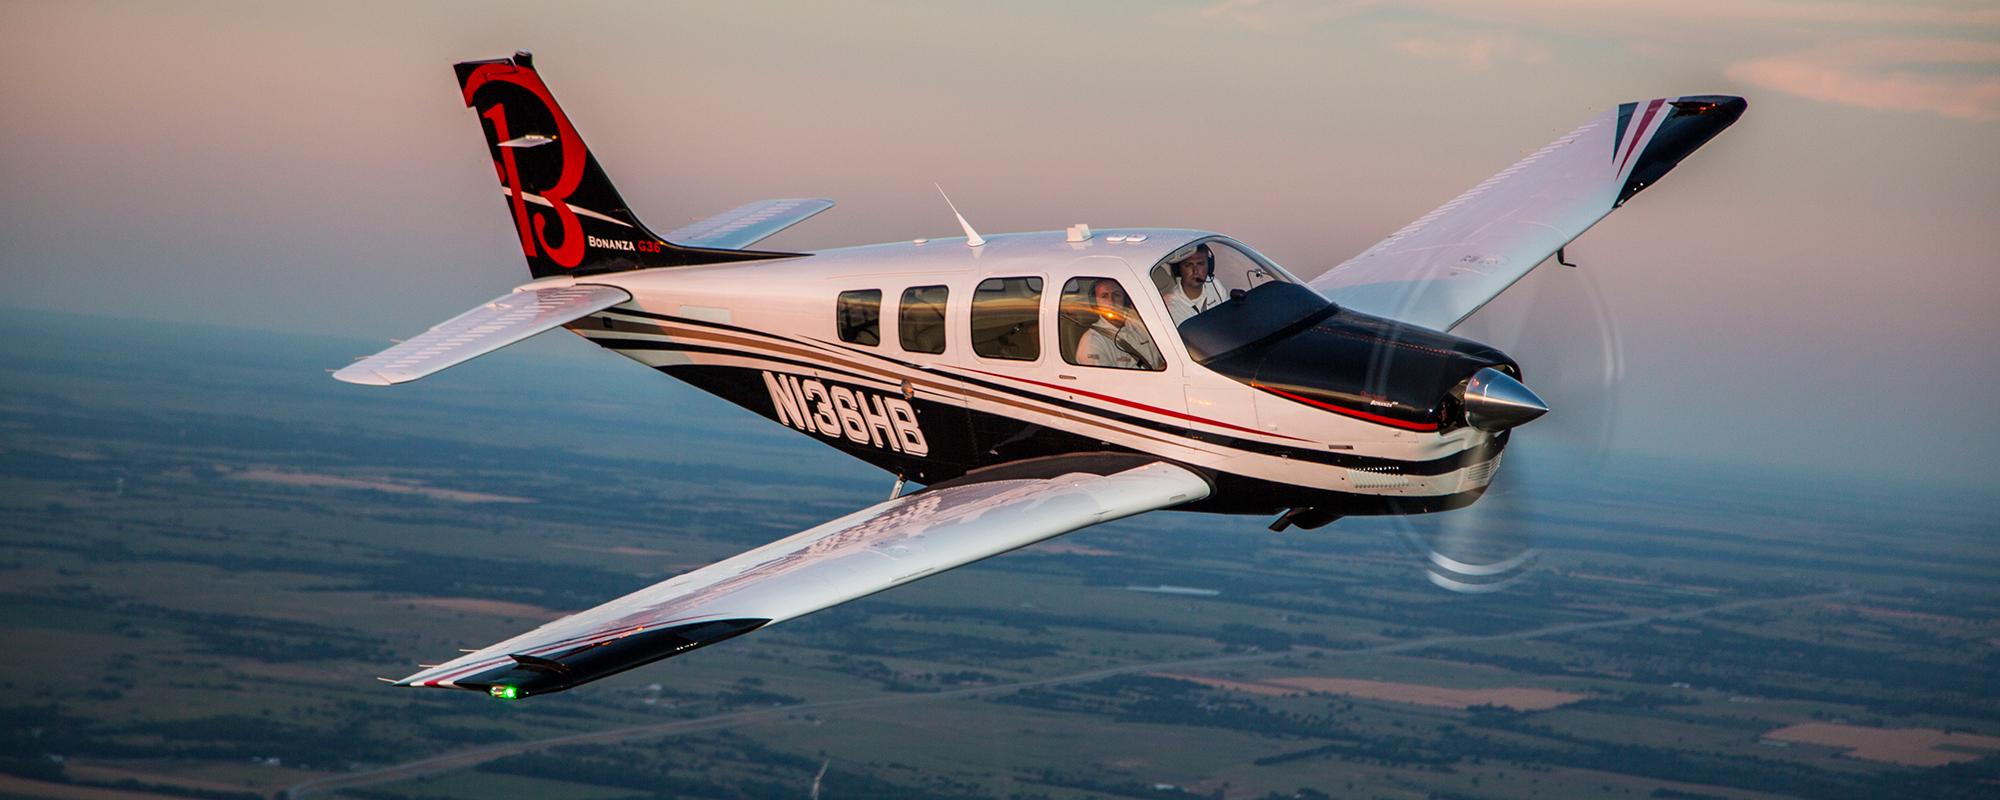 Apex Aircraft | Markham, Ontario, Canada